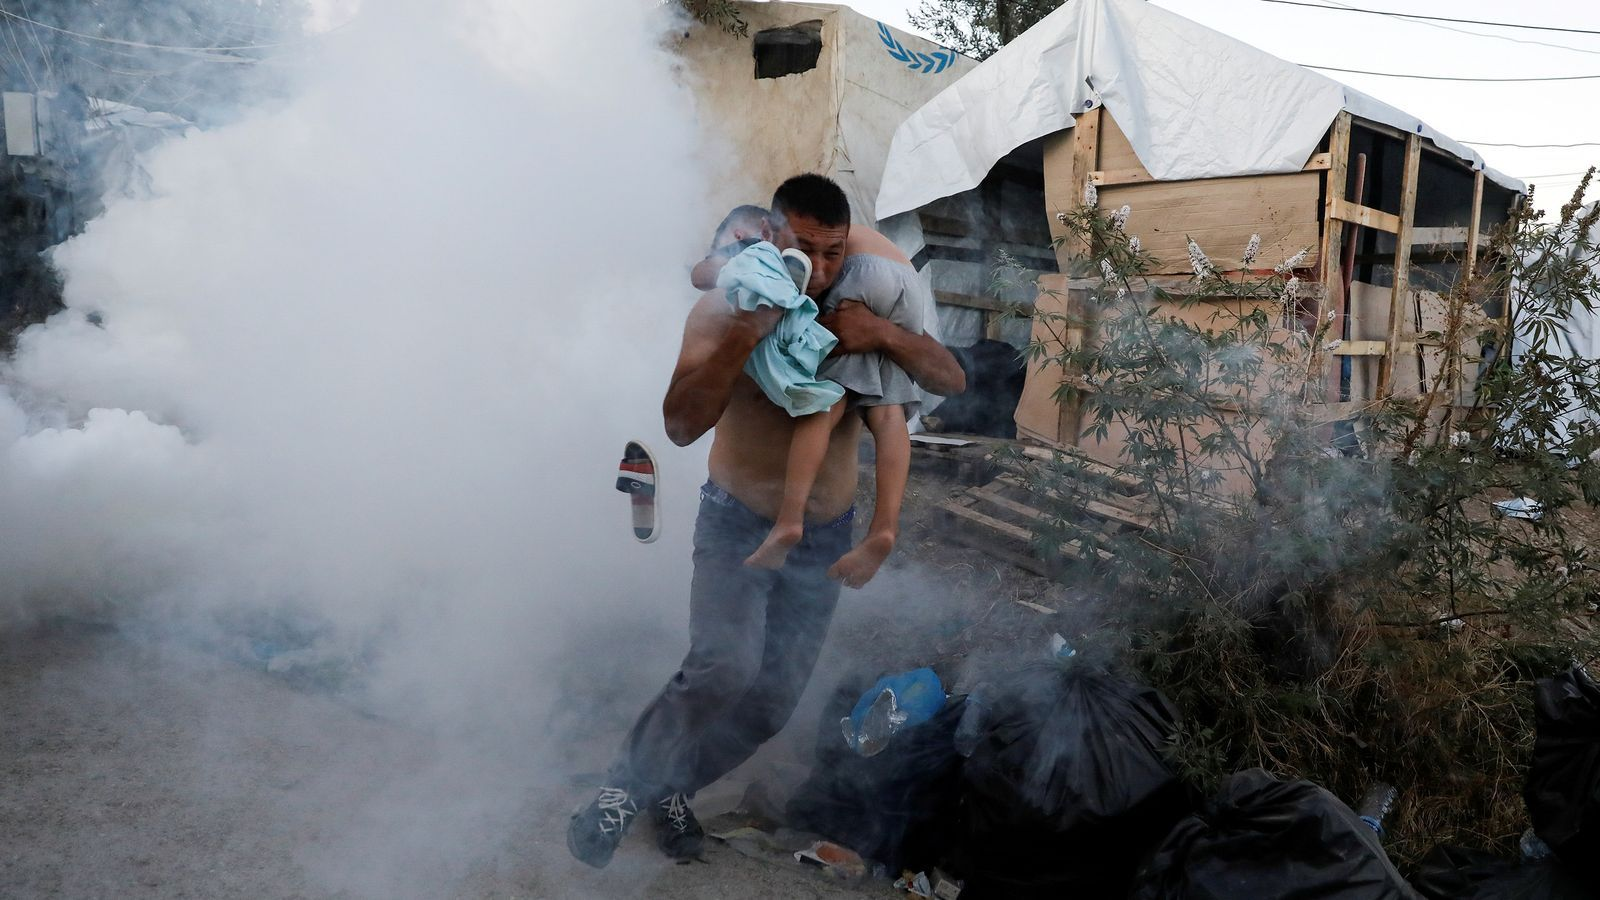 Almenys una dona i el seu fill moren en un incendi al centre de detenció de refugiats de Lesbos